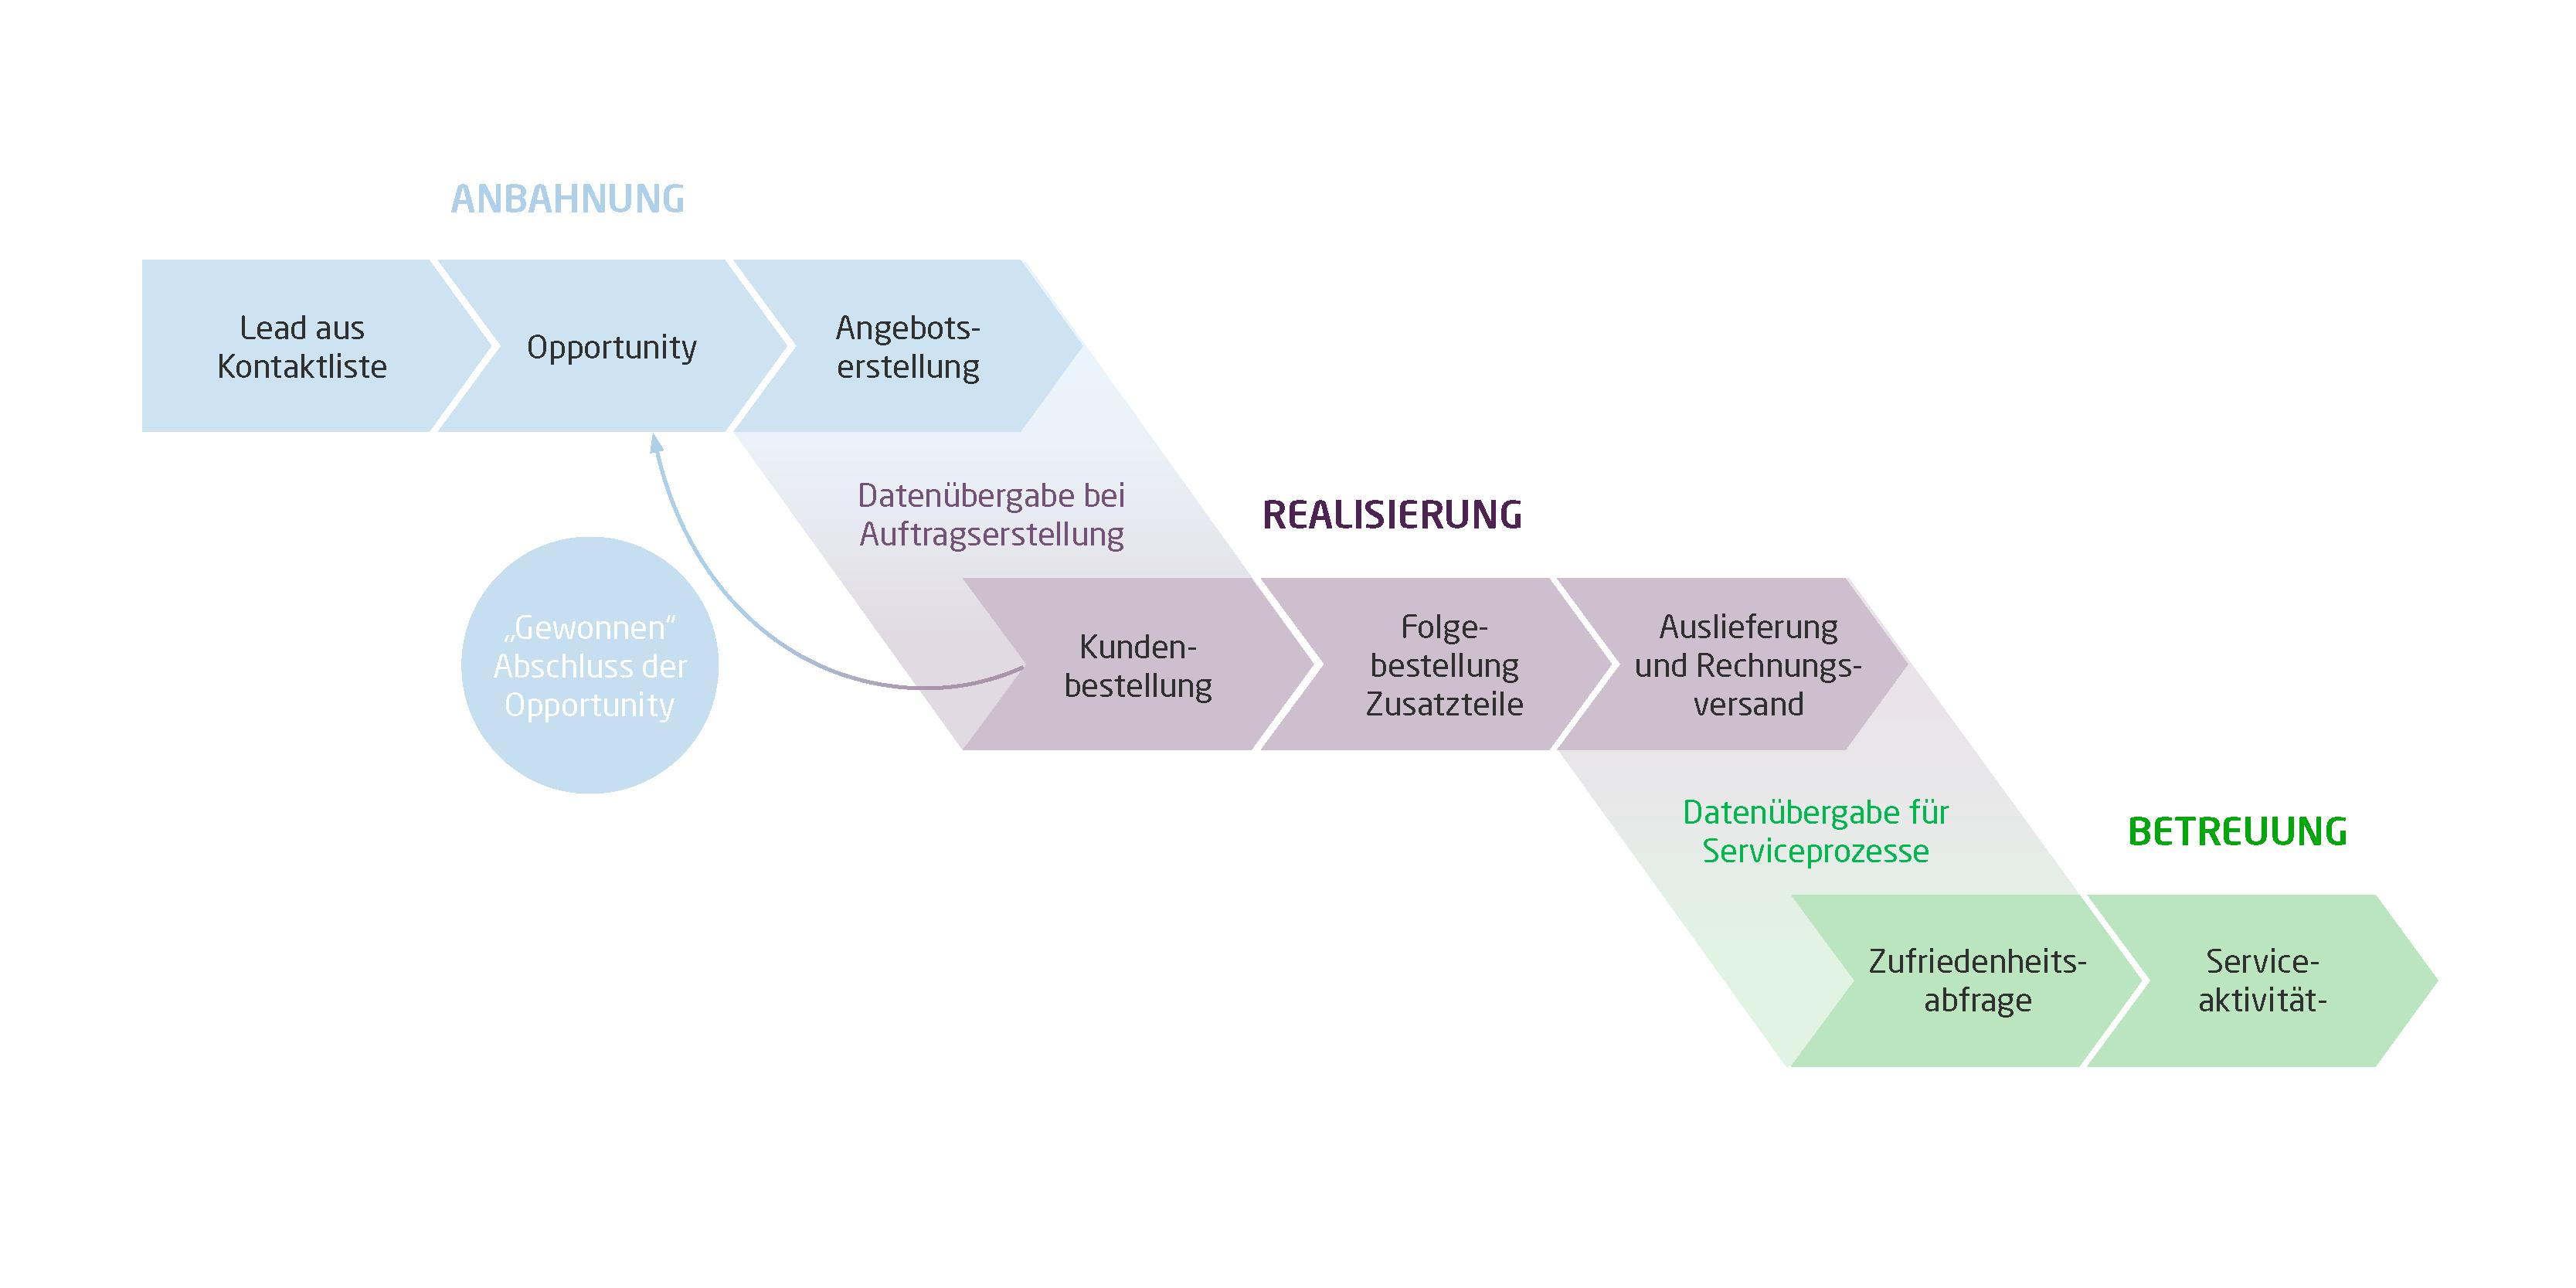 Das Schaubild zeigt einen beispielhaften Prozessablauf, bei dem verschiedene CRM- und ERP-Funktionen zum Einsatz kommen